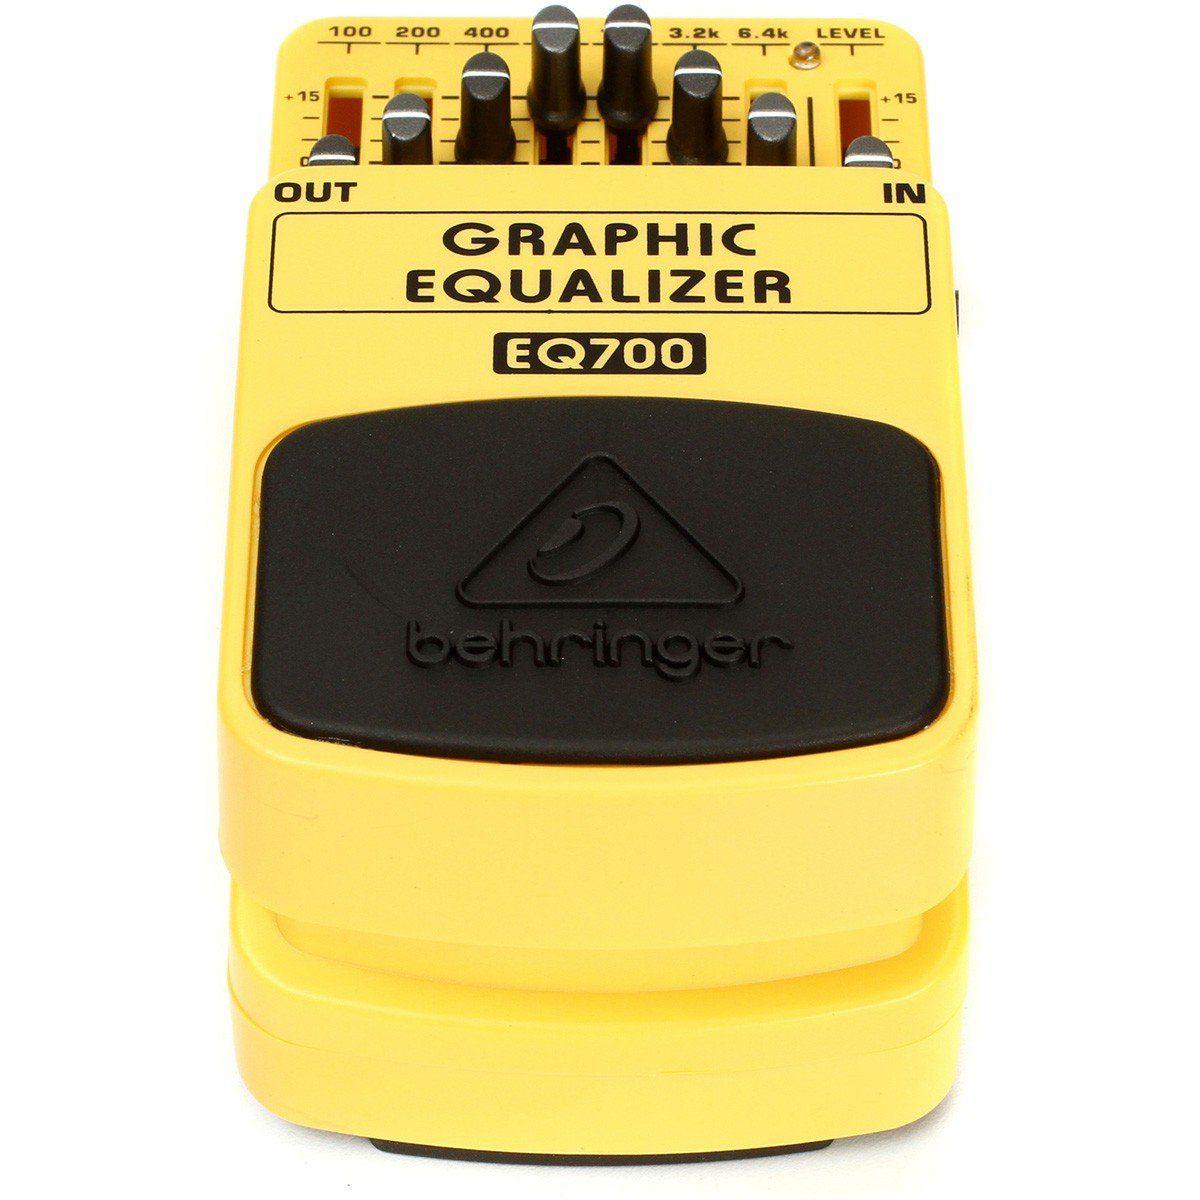 Behringer EQ700 Graphic Equalizer Pedal para Guitarra com Equalizador